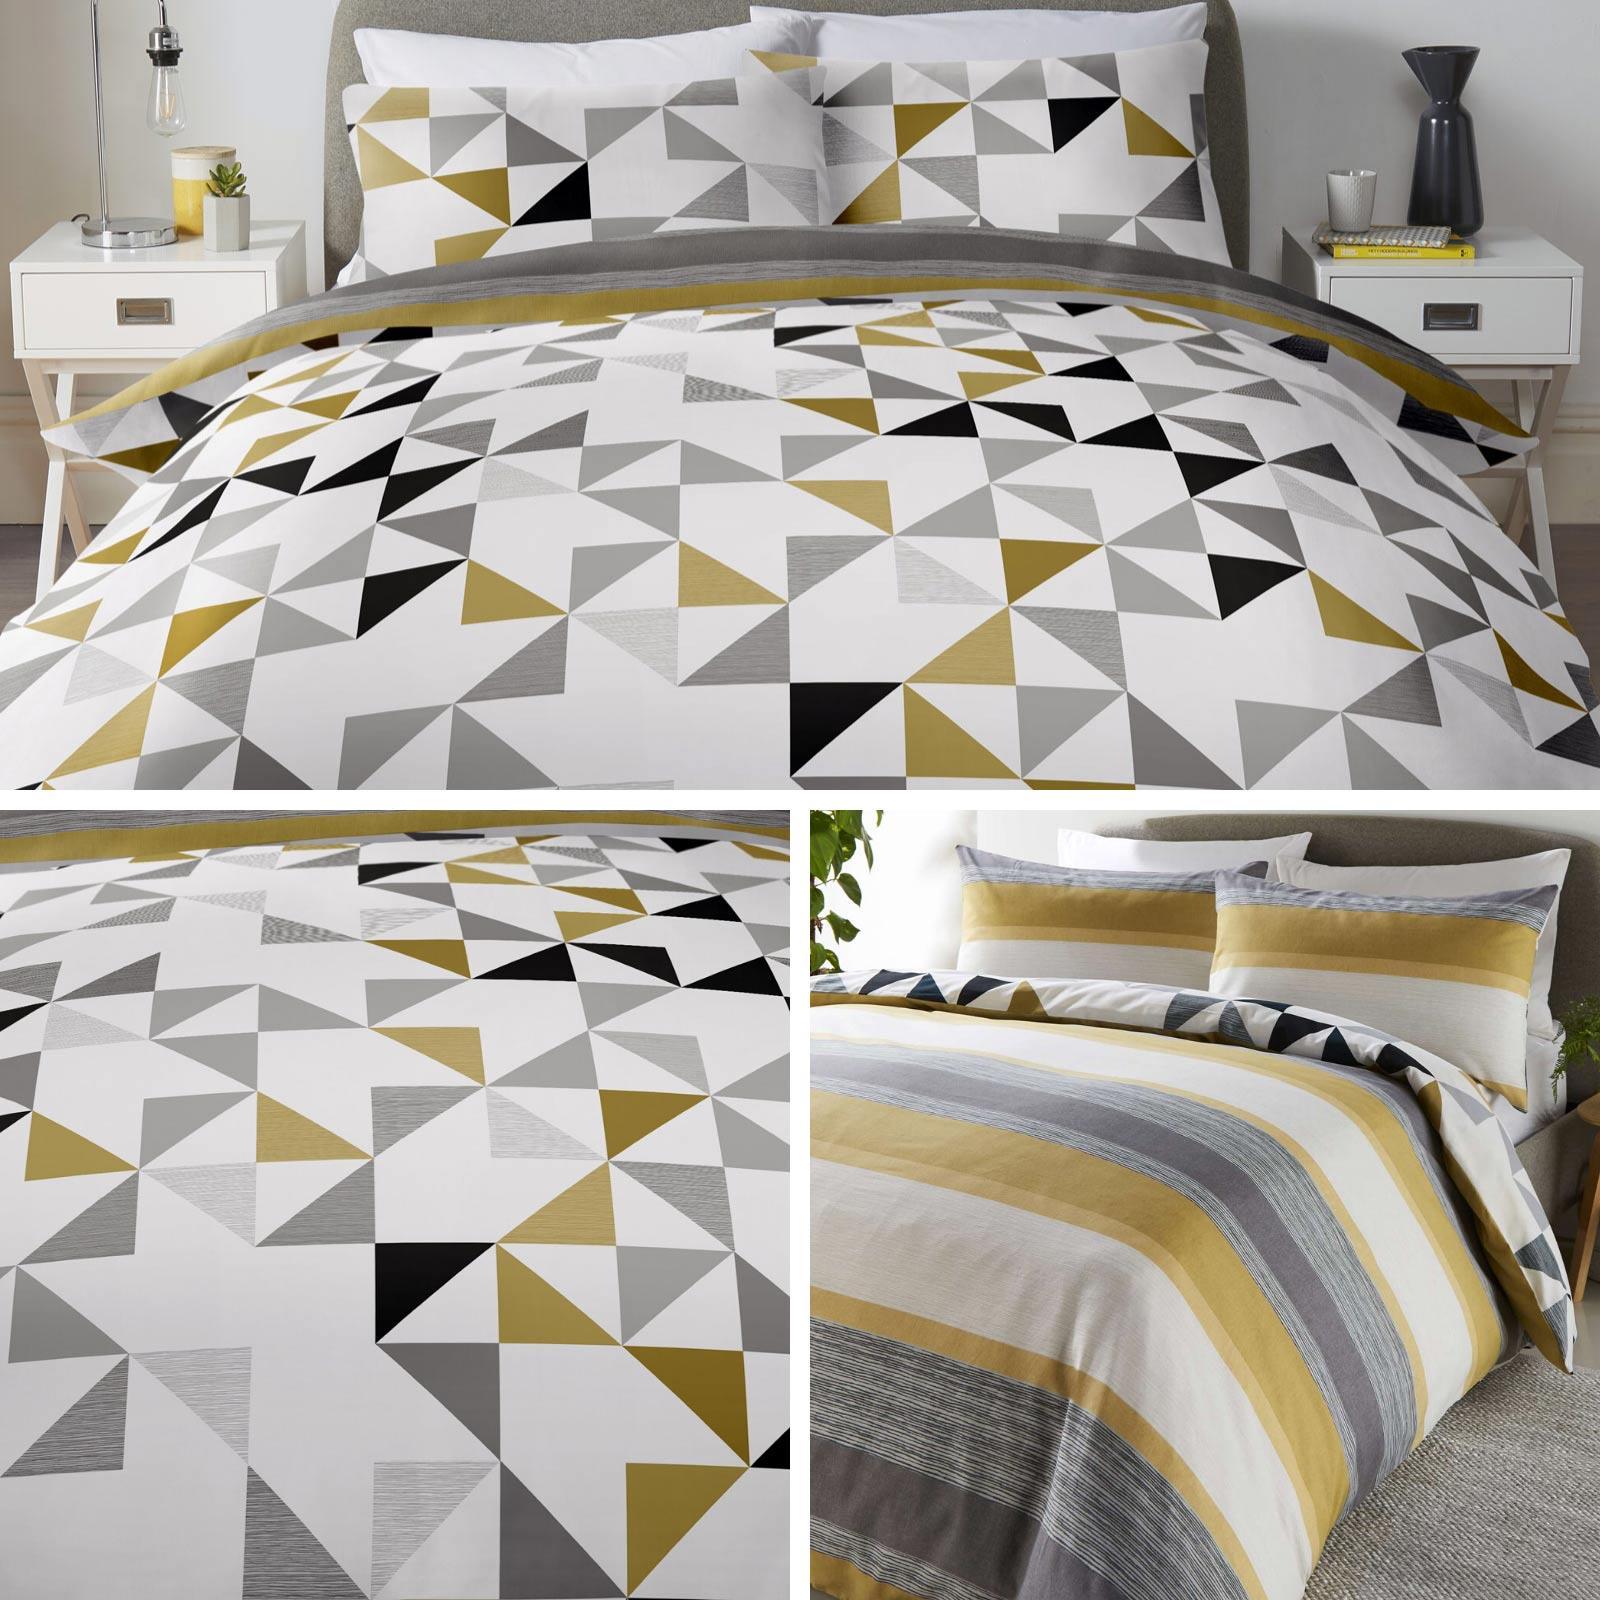 Ochre Duvet Covers Geometric Stripe Reversible Modern Quilt Cover Bedding Sets Ebay